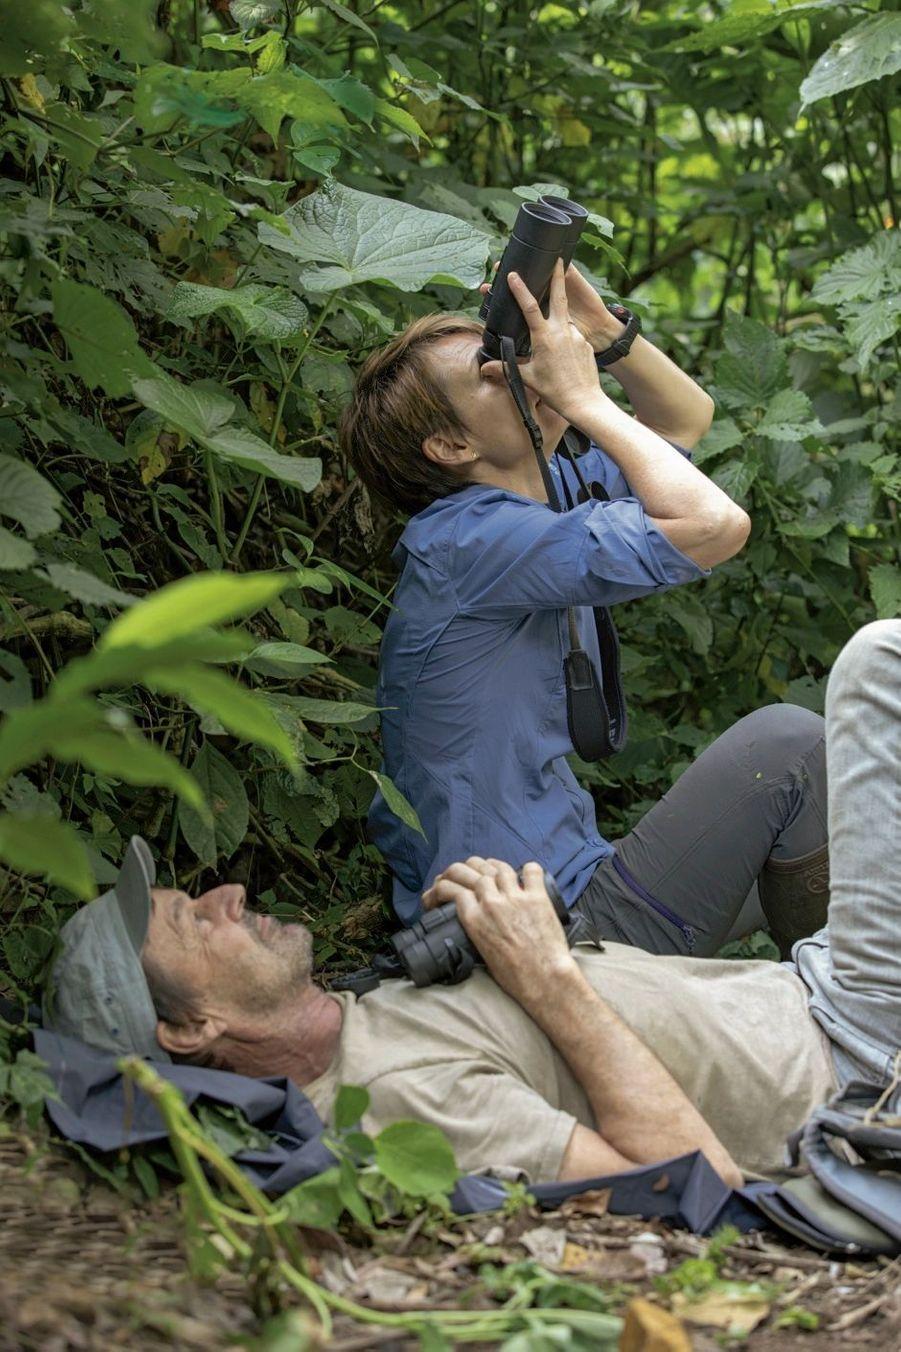 En pleine observation avec Sabrina. Les primates sont perchés dans les arbres, à plus de 30 mètres de hauteur